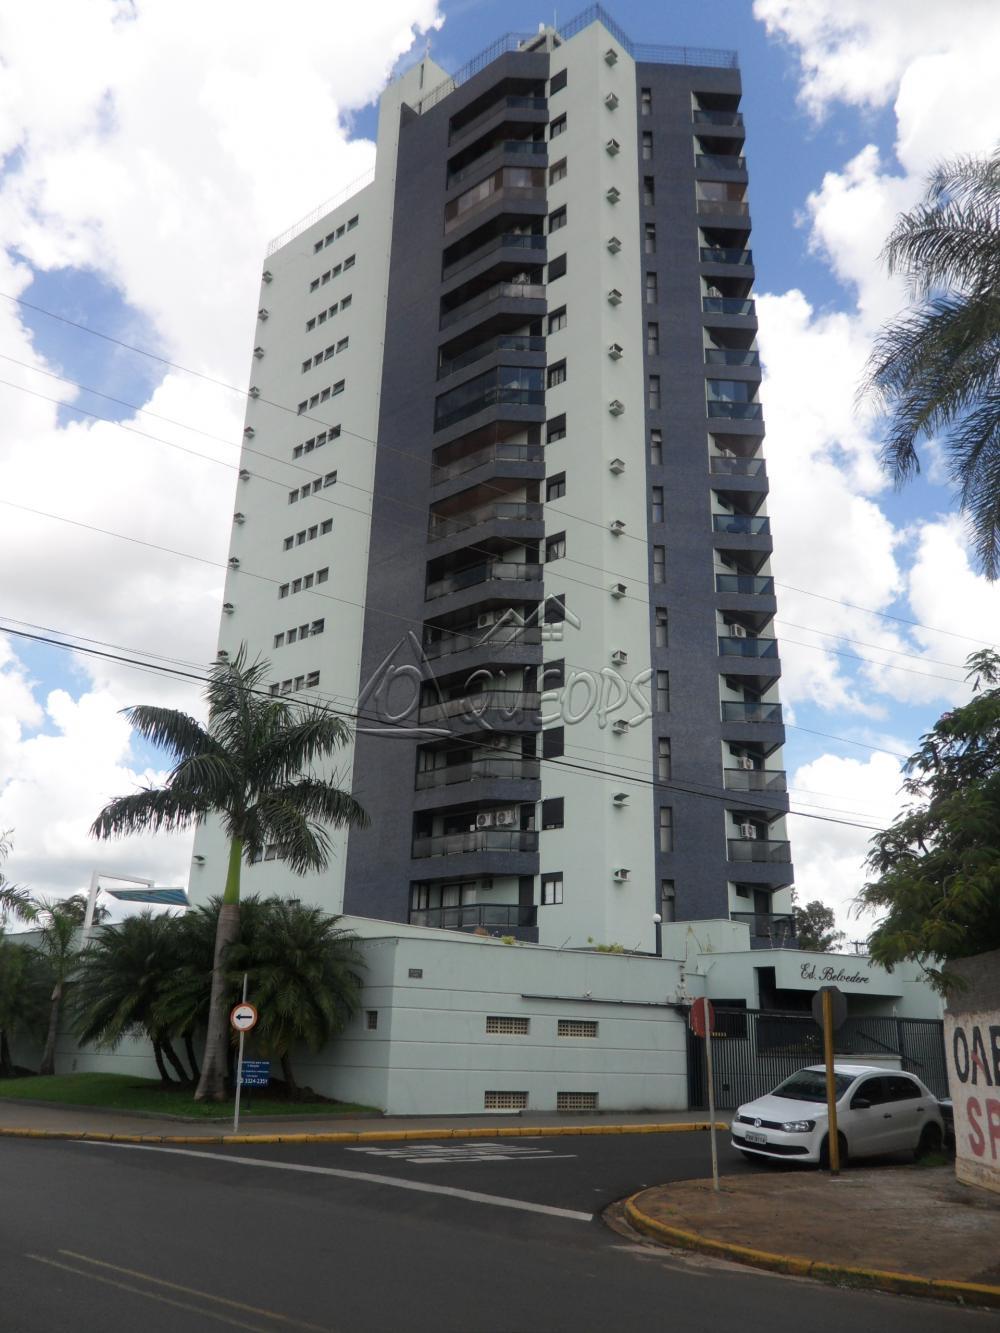 Comprar Apartamento / Padrão em Barretos apenas R$ 700.000,00 - Foto 1